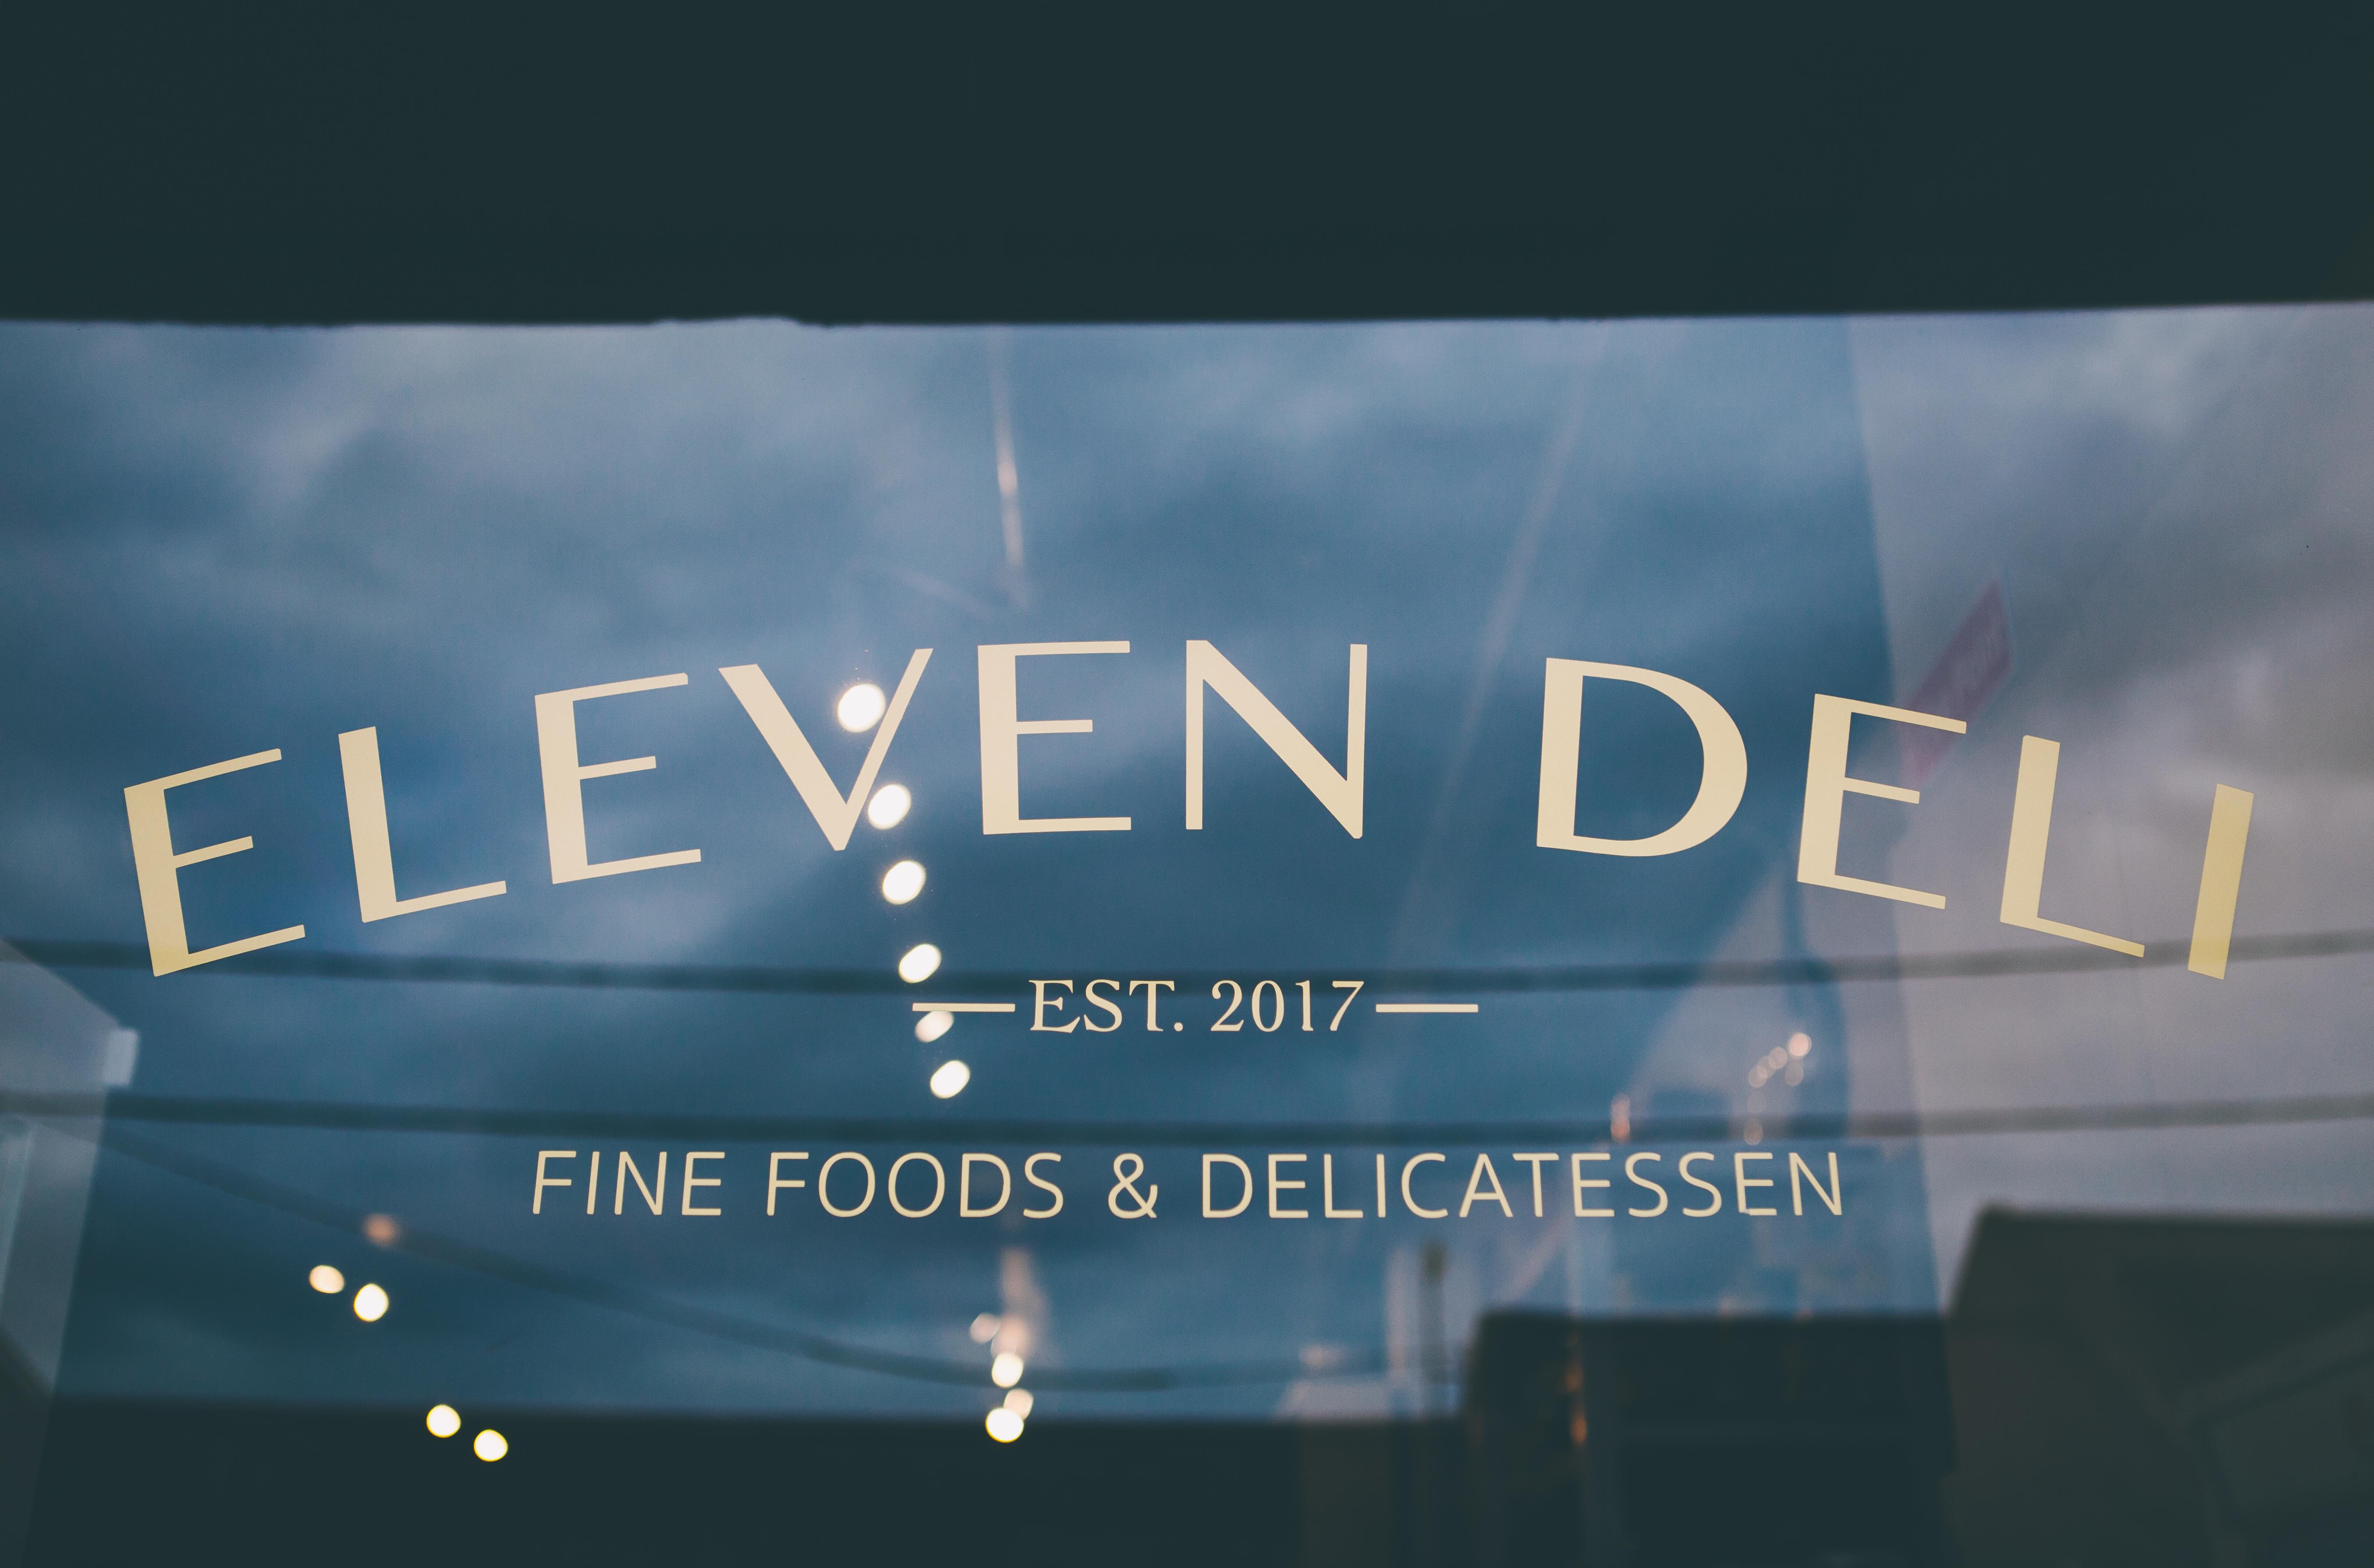 Eleven Deli-25